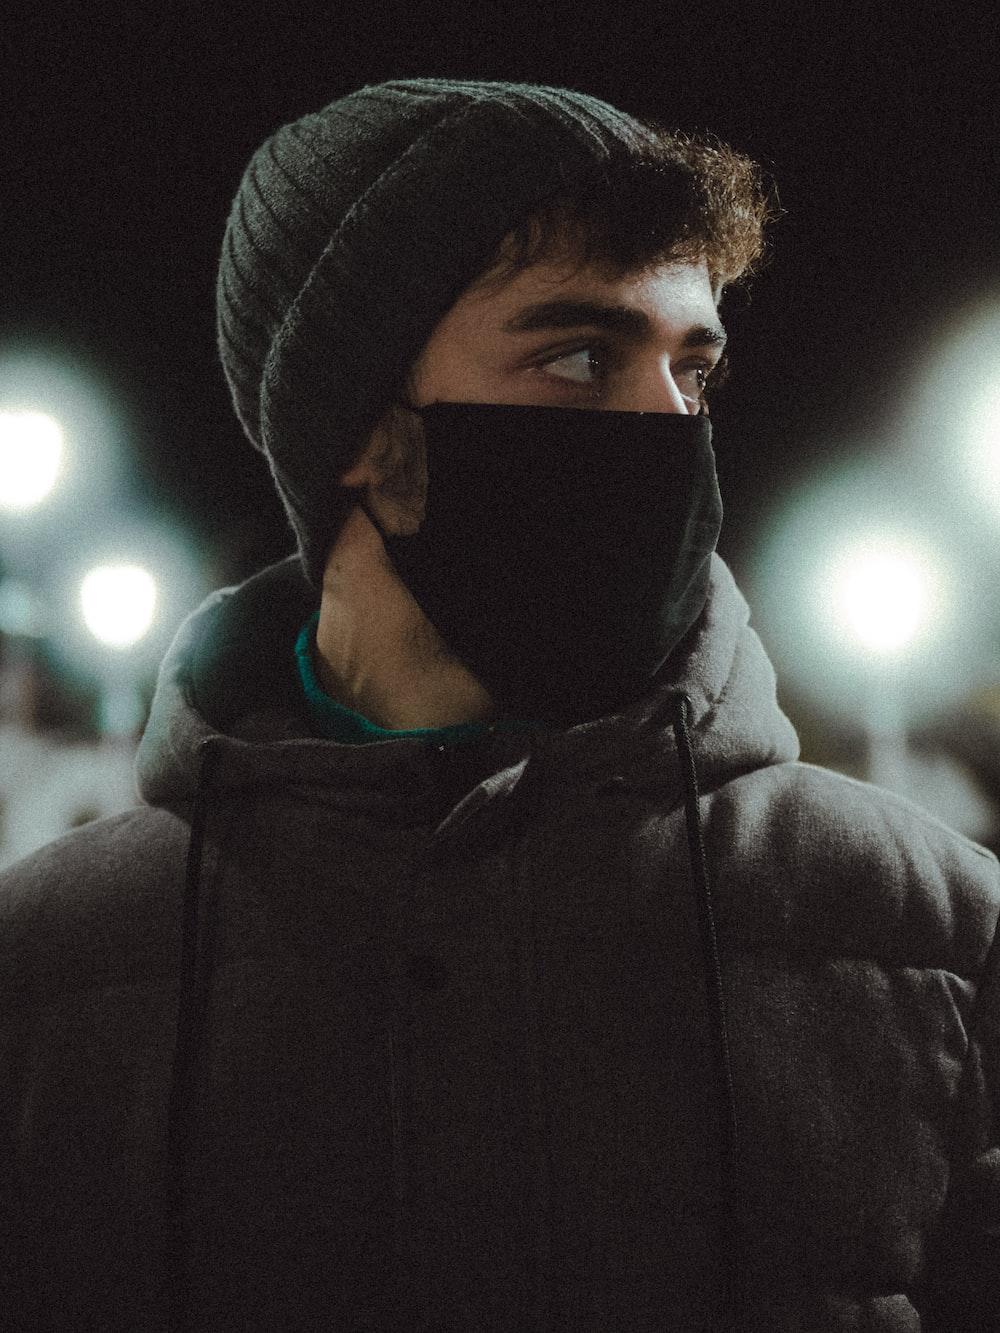 man in black hoodie wearing black knit cap